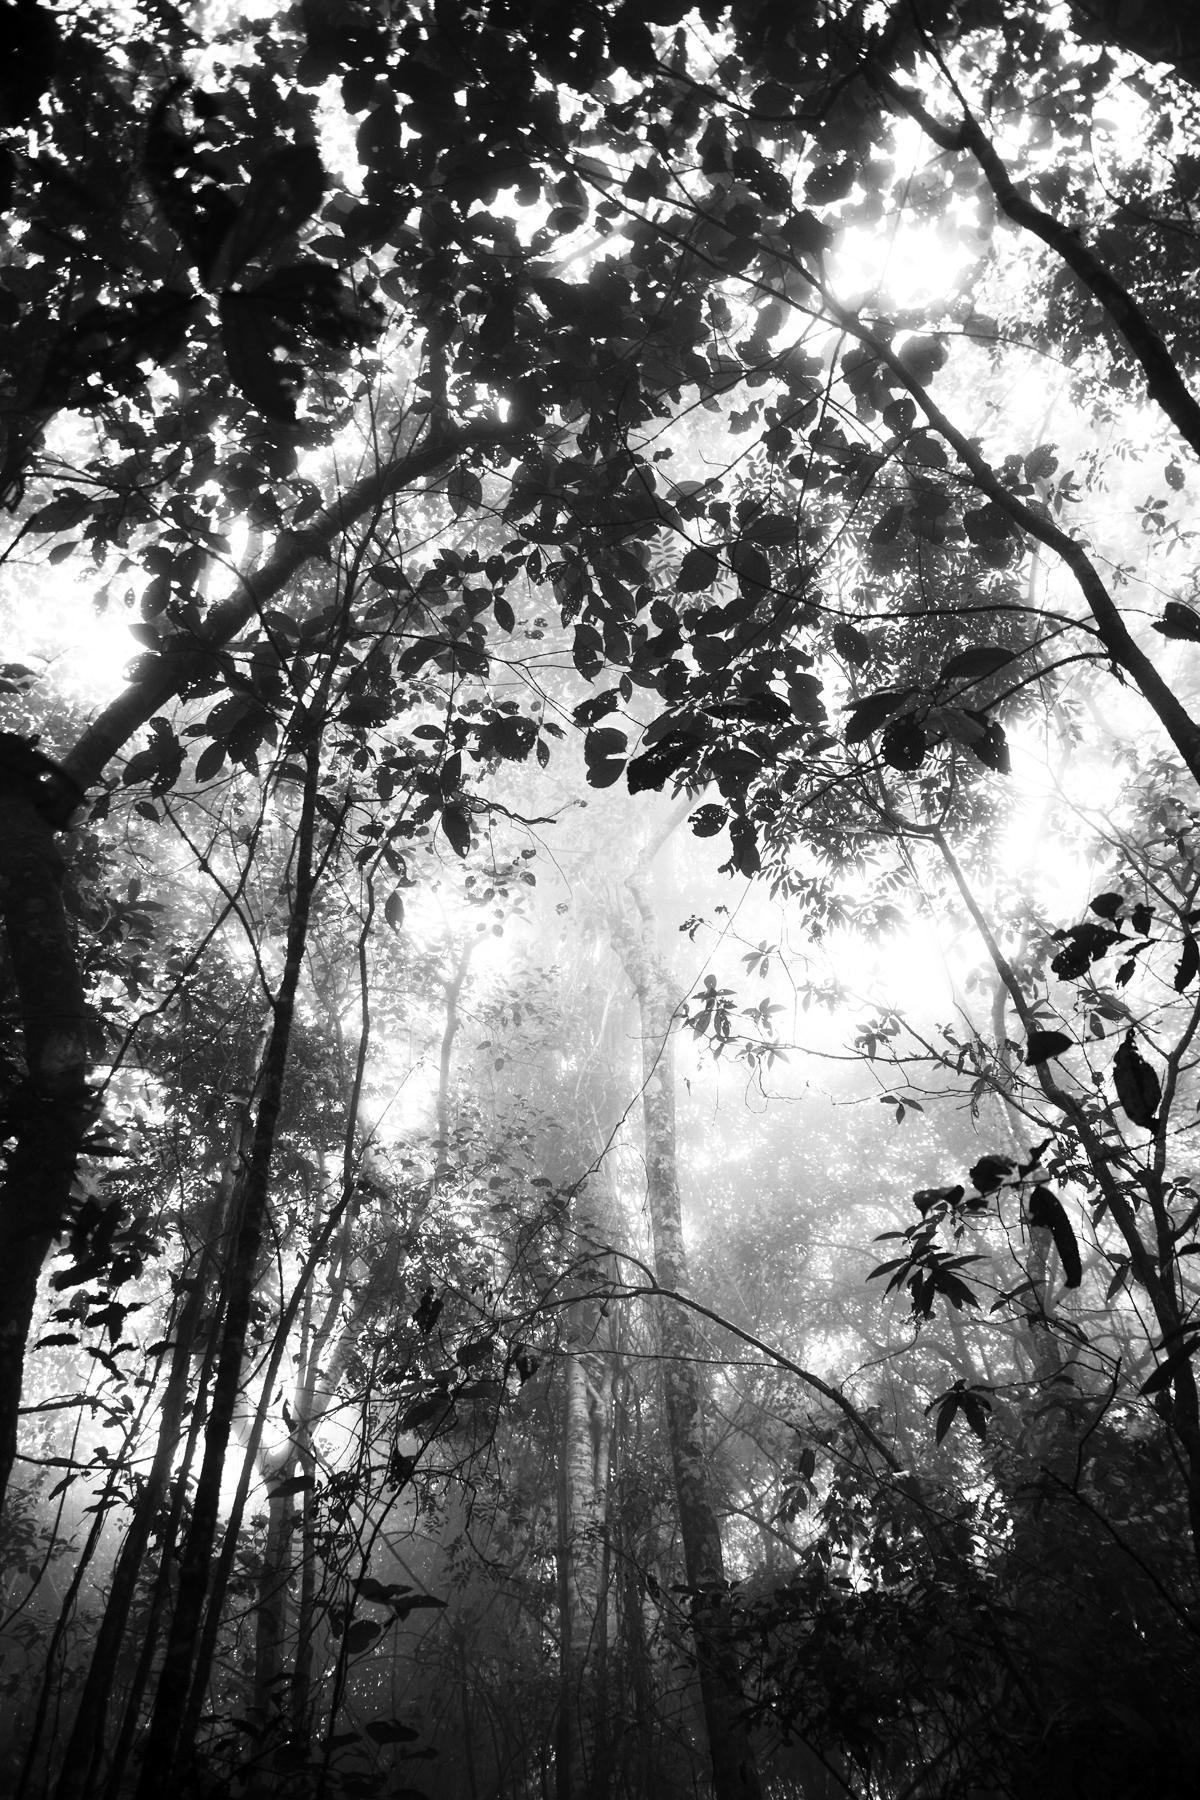 1) misty-forest-1-copy.jpg